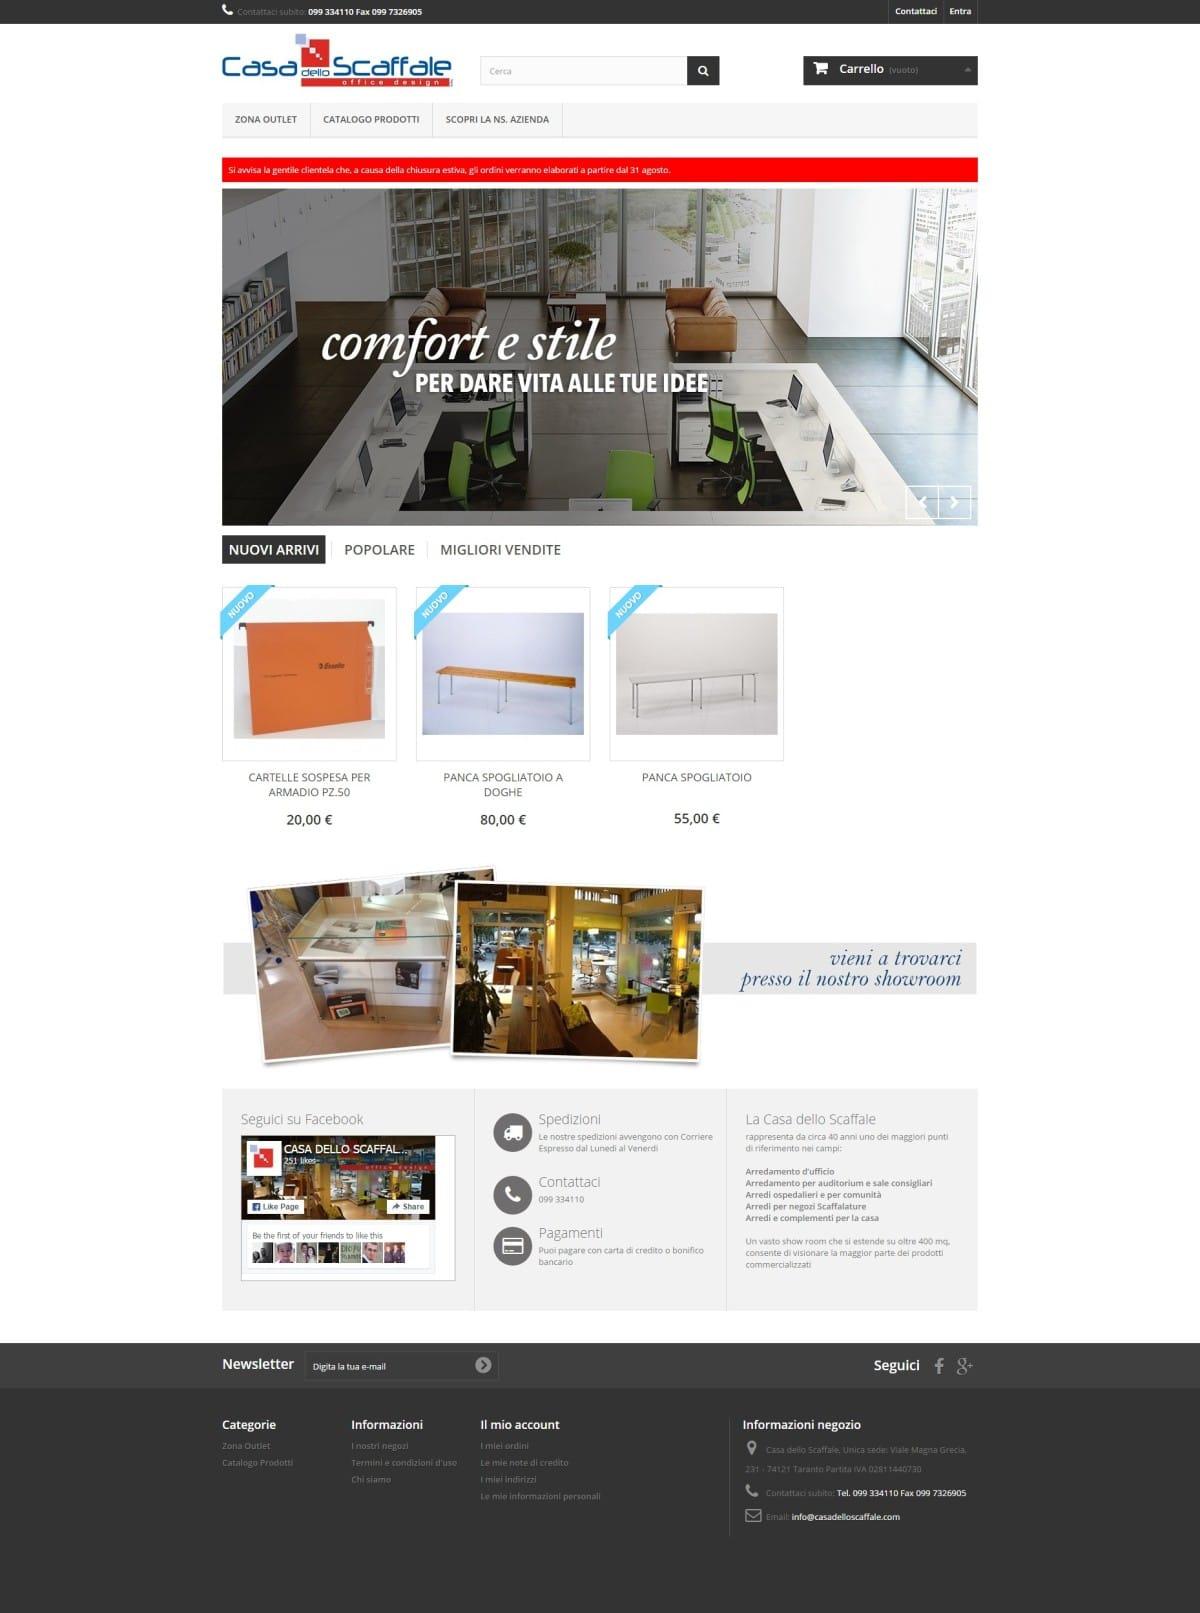 Web marketing ecommerce arredamento uffici for E commerce arredamento